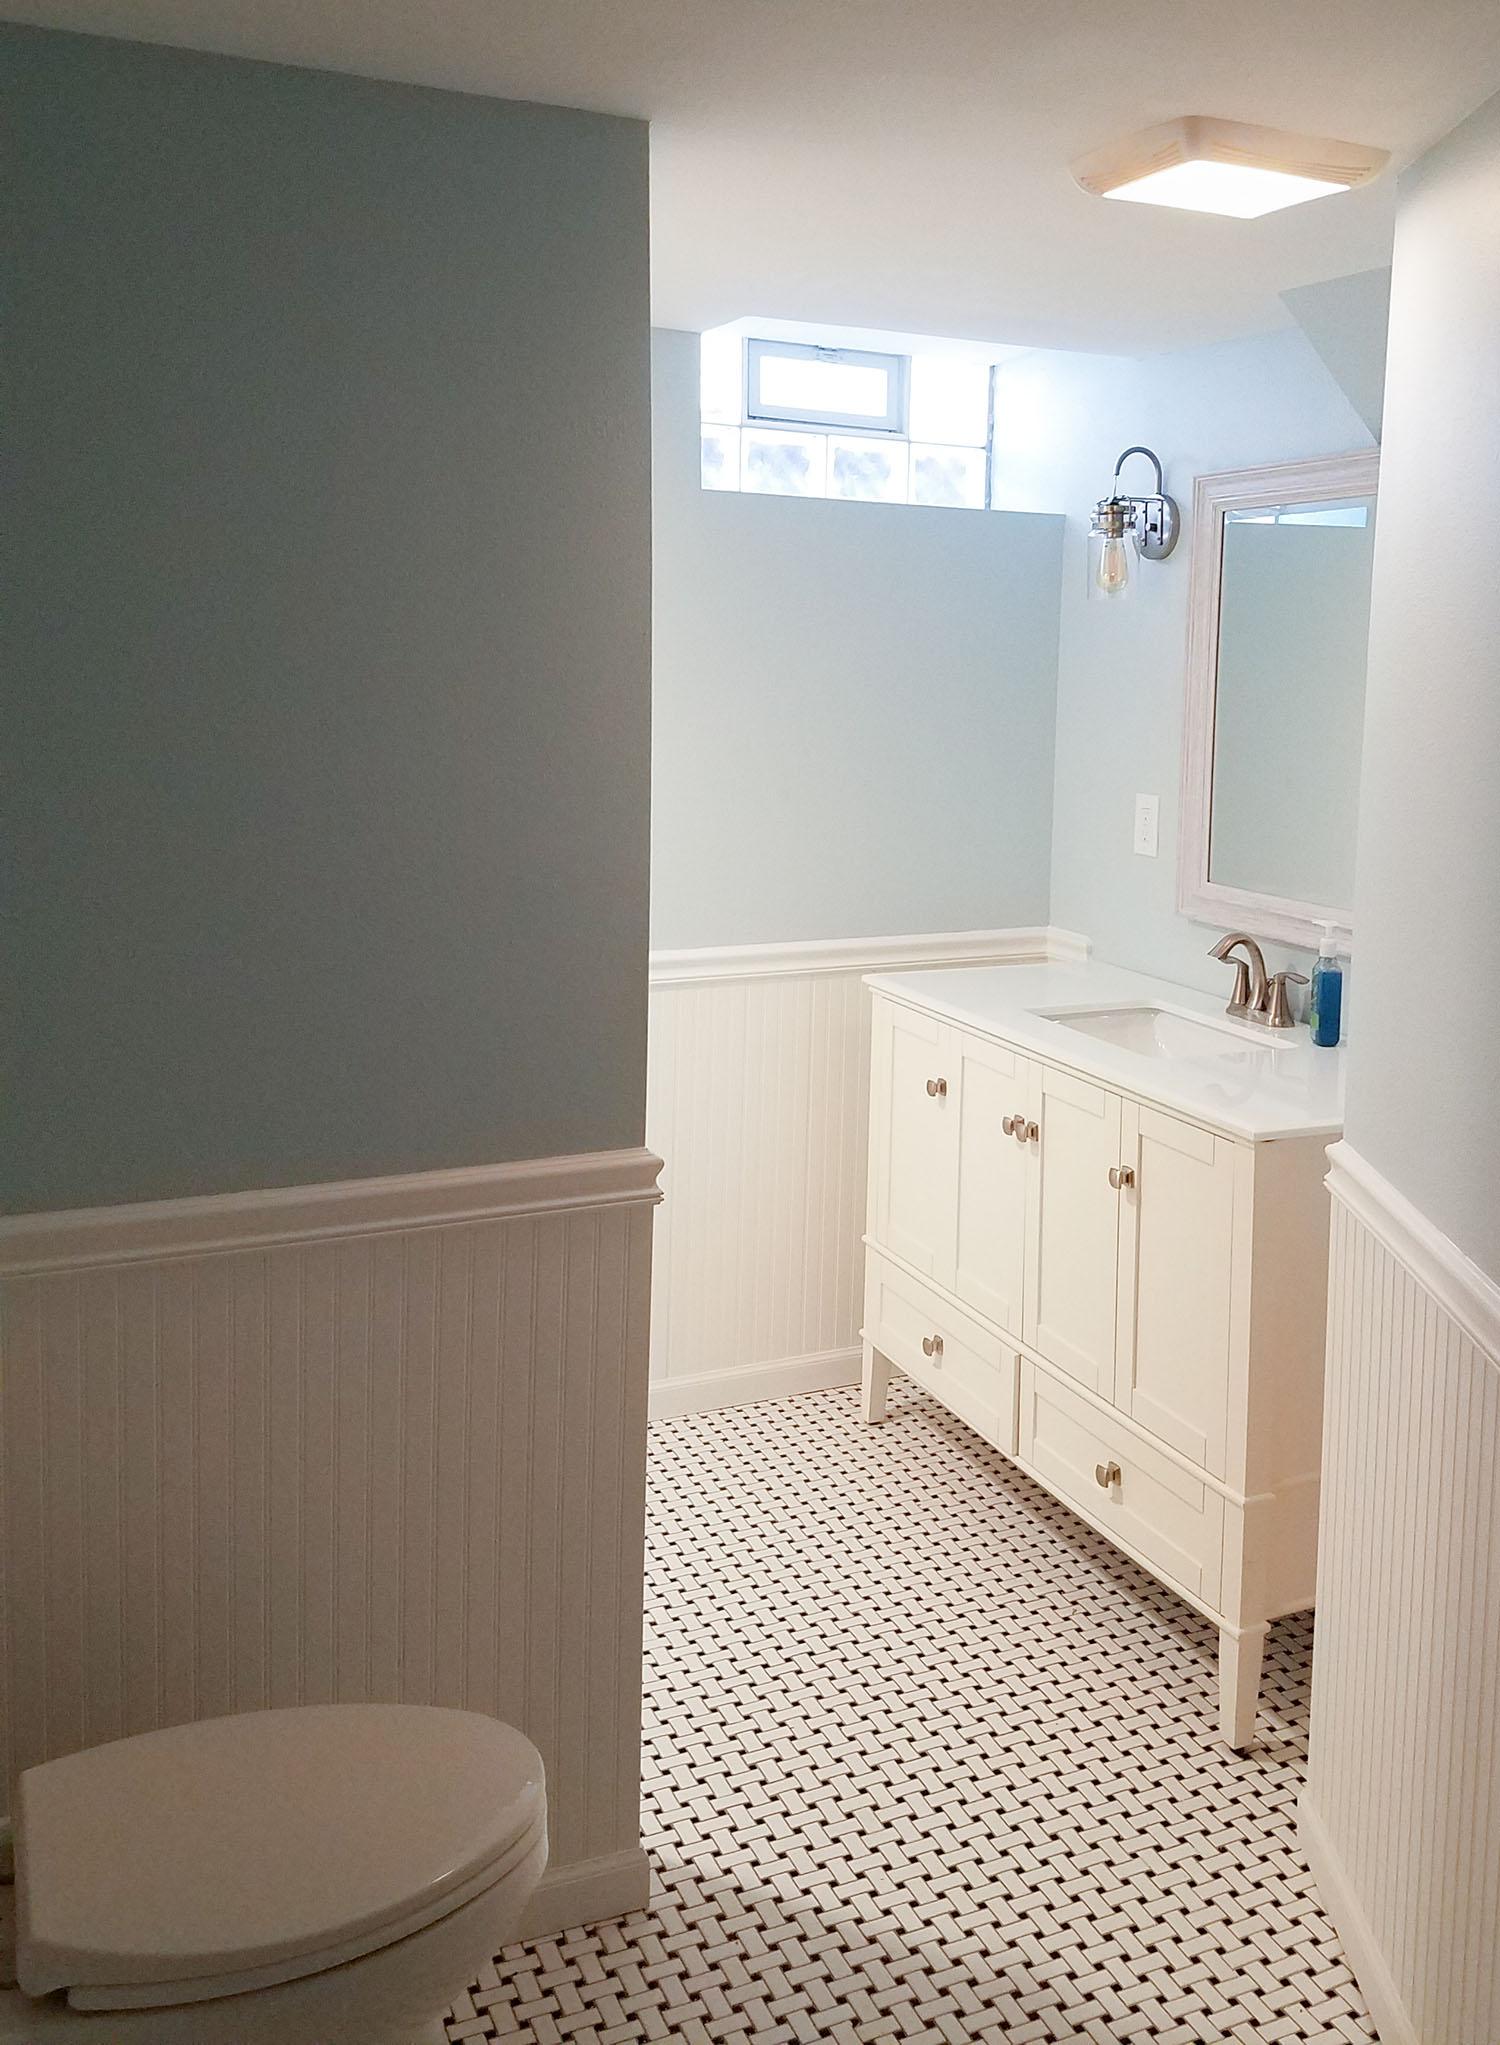 bathroom_whitewainscoat_web.jpg